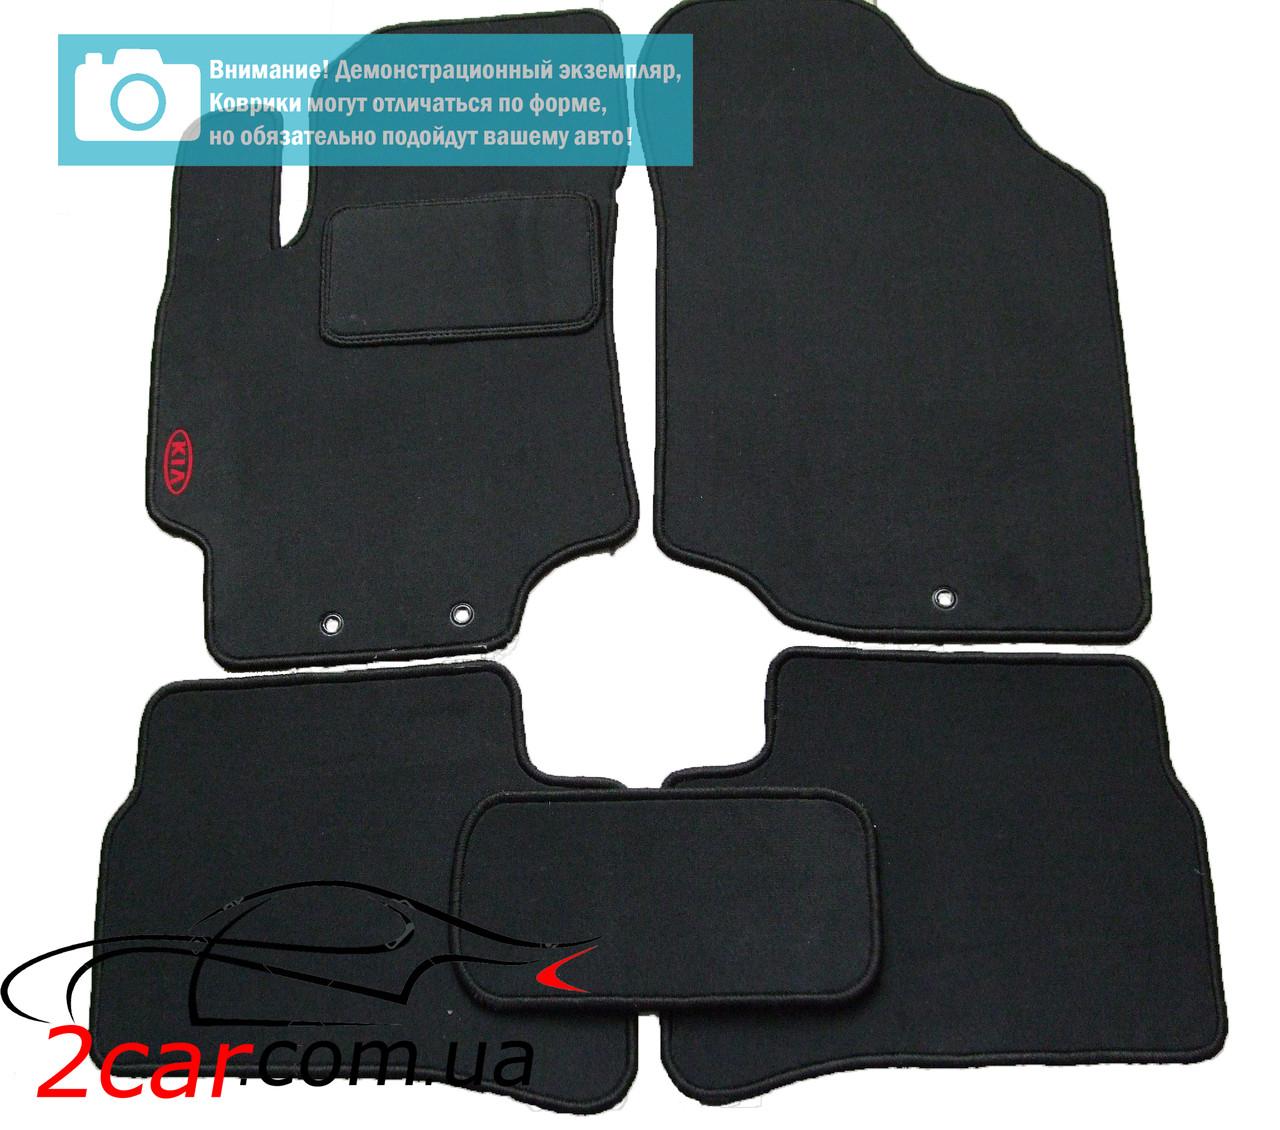 Текстильные коврики в салон для Nissan Note (2004-2013) (чёрный) (Stin